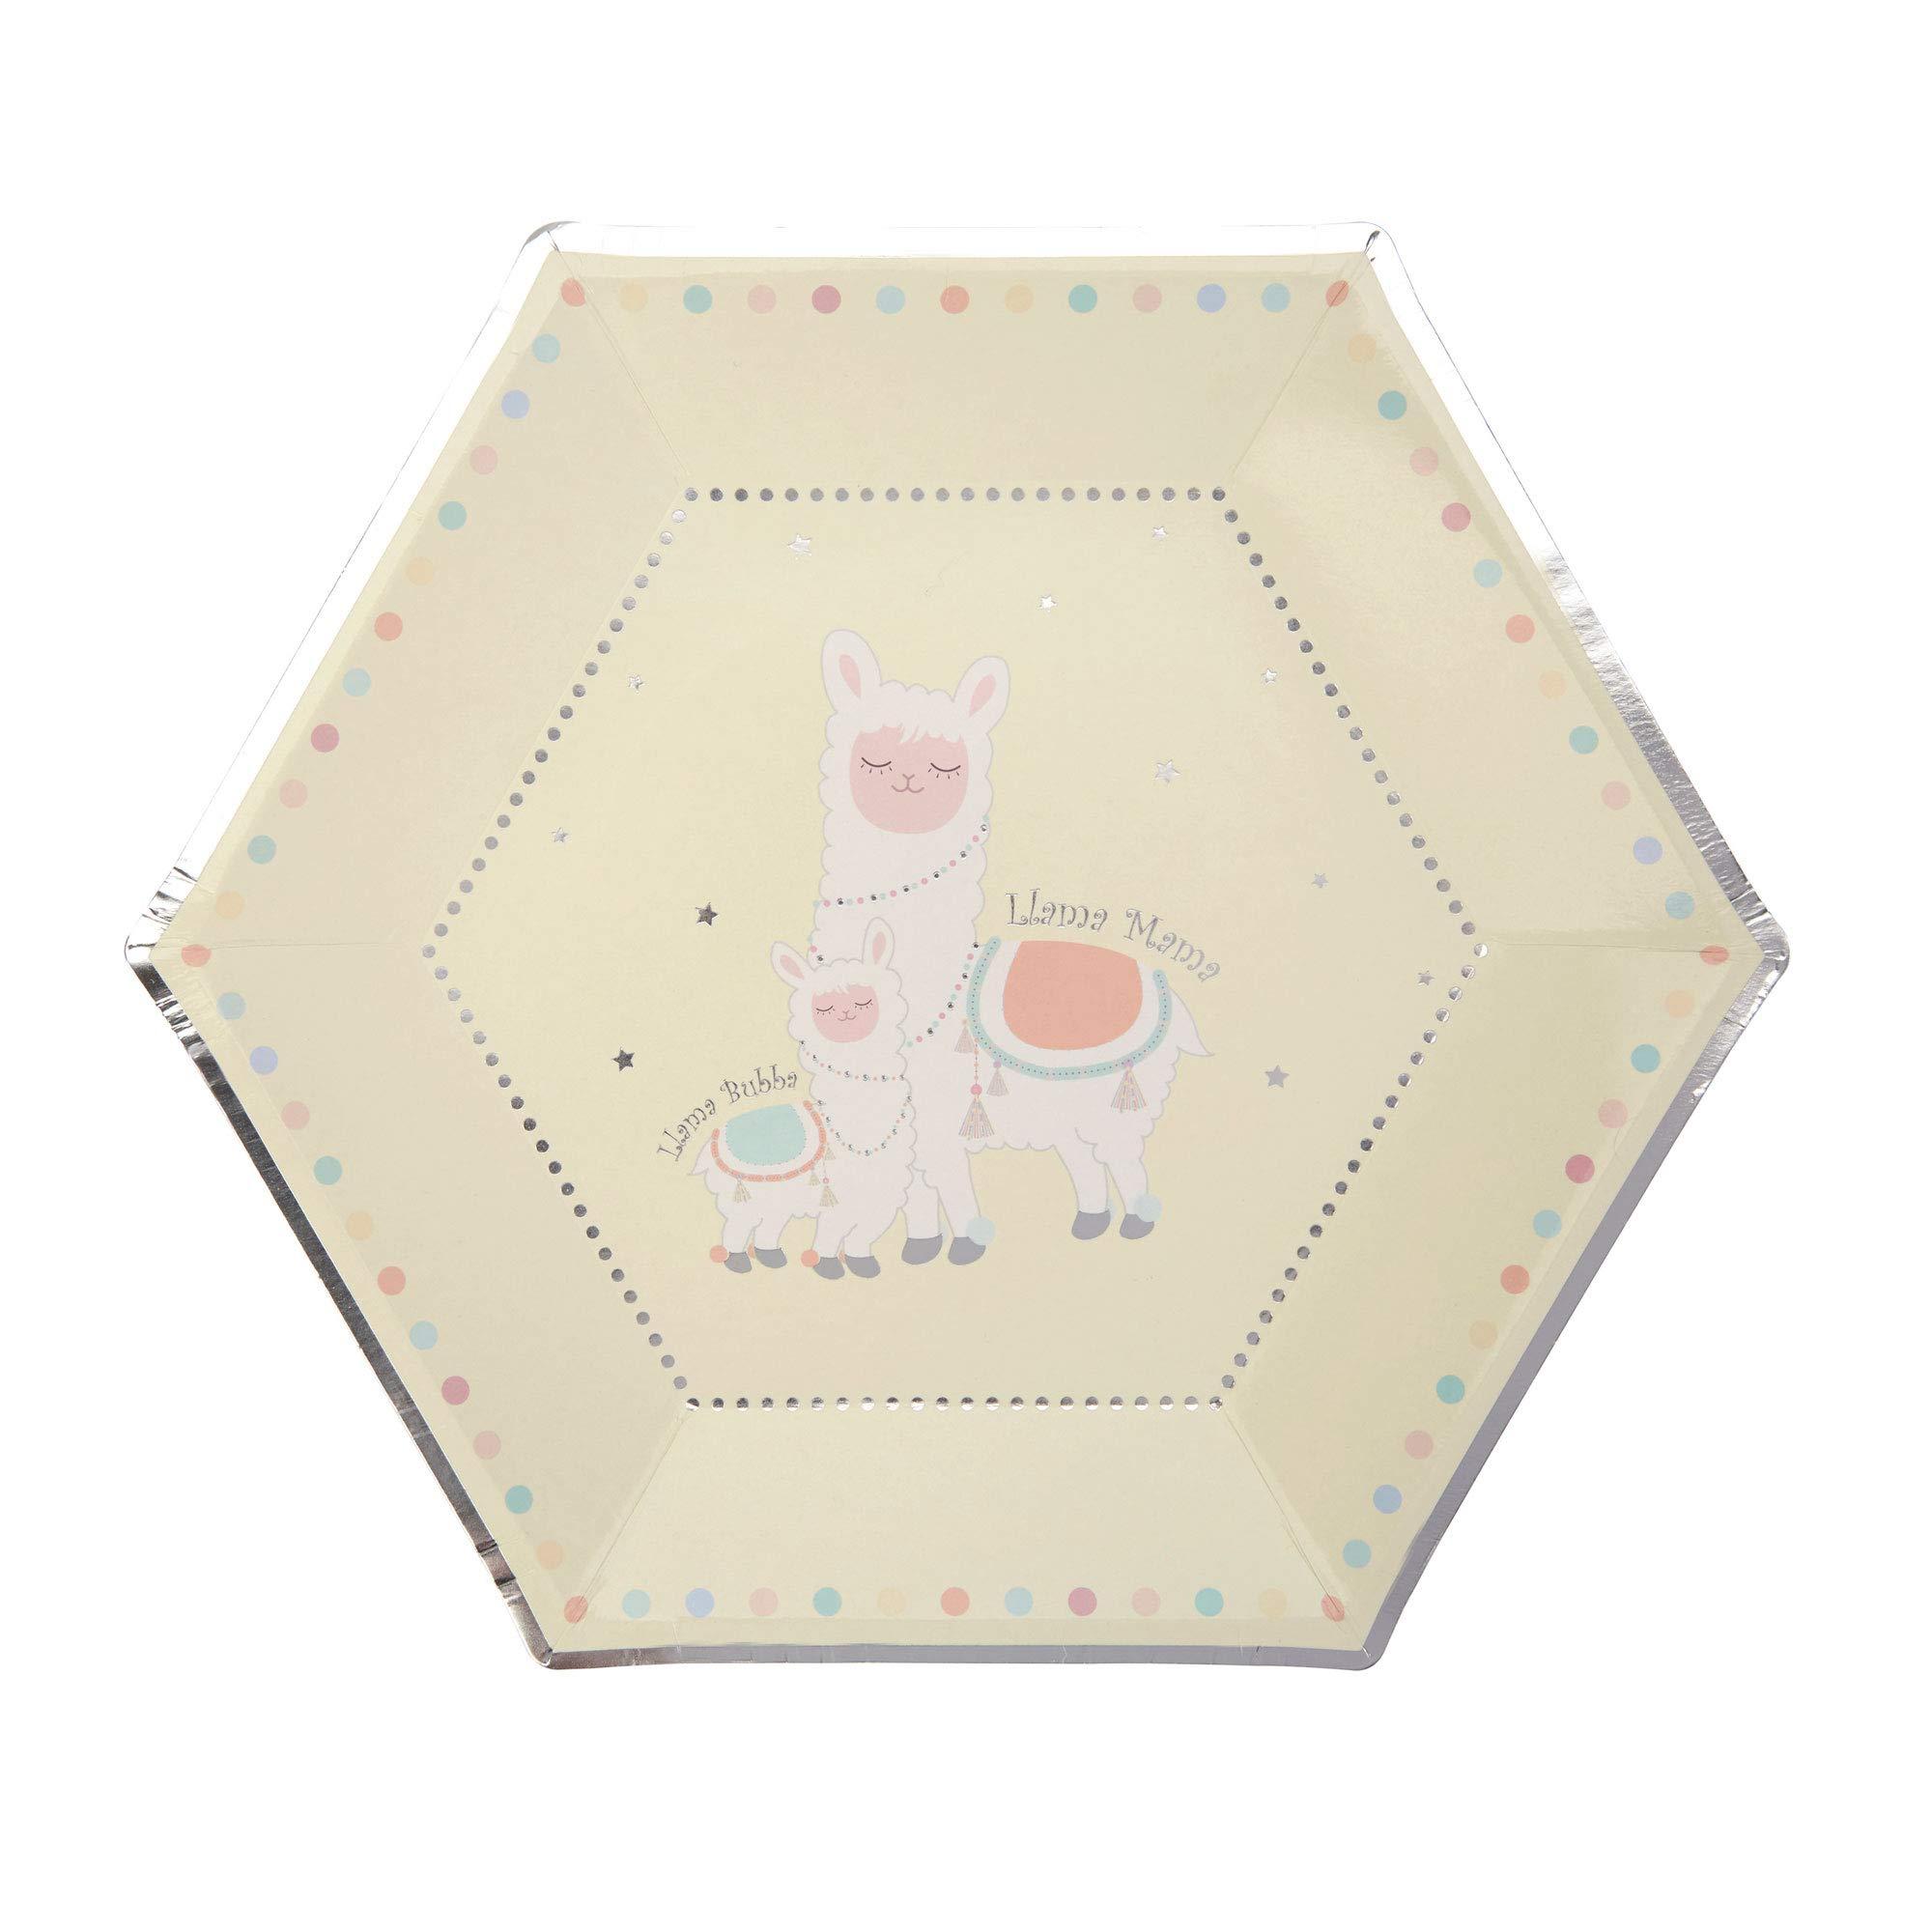 Neviti 776278 Llama Love-Large 纸板 -8 件装,彩色,27 x 27 x 0.5